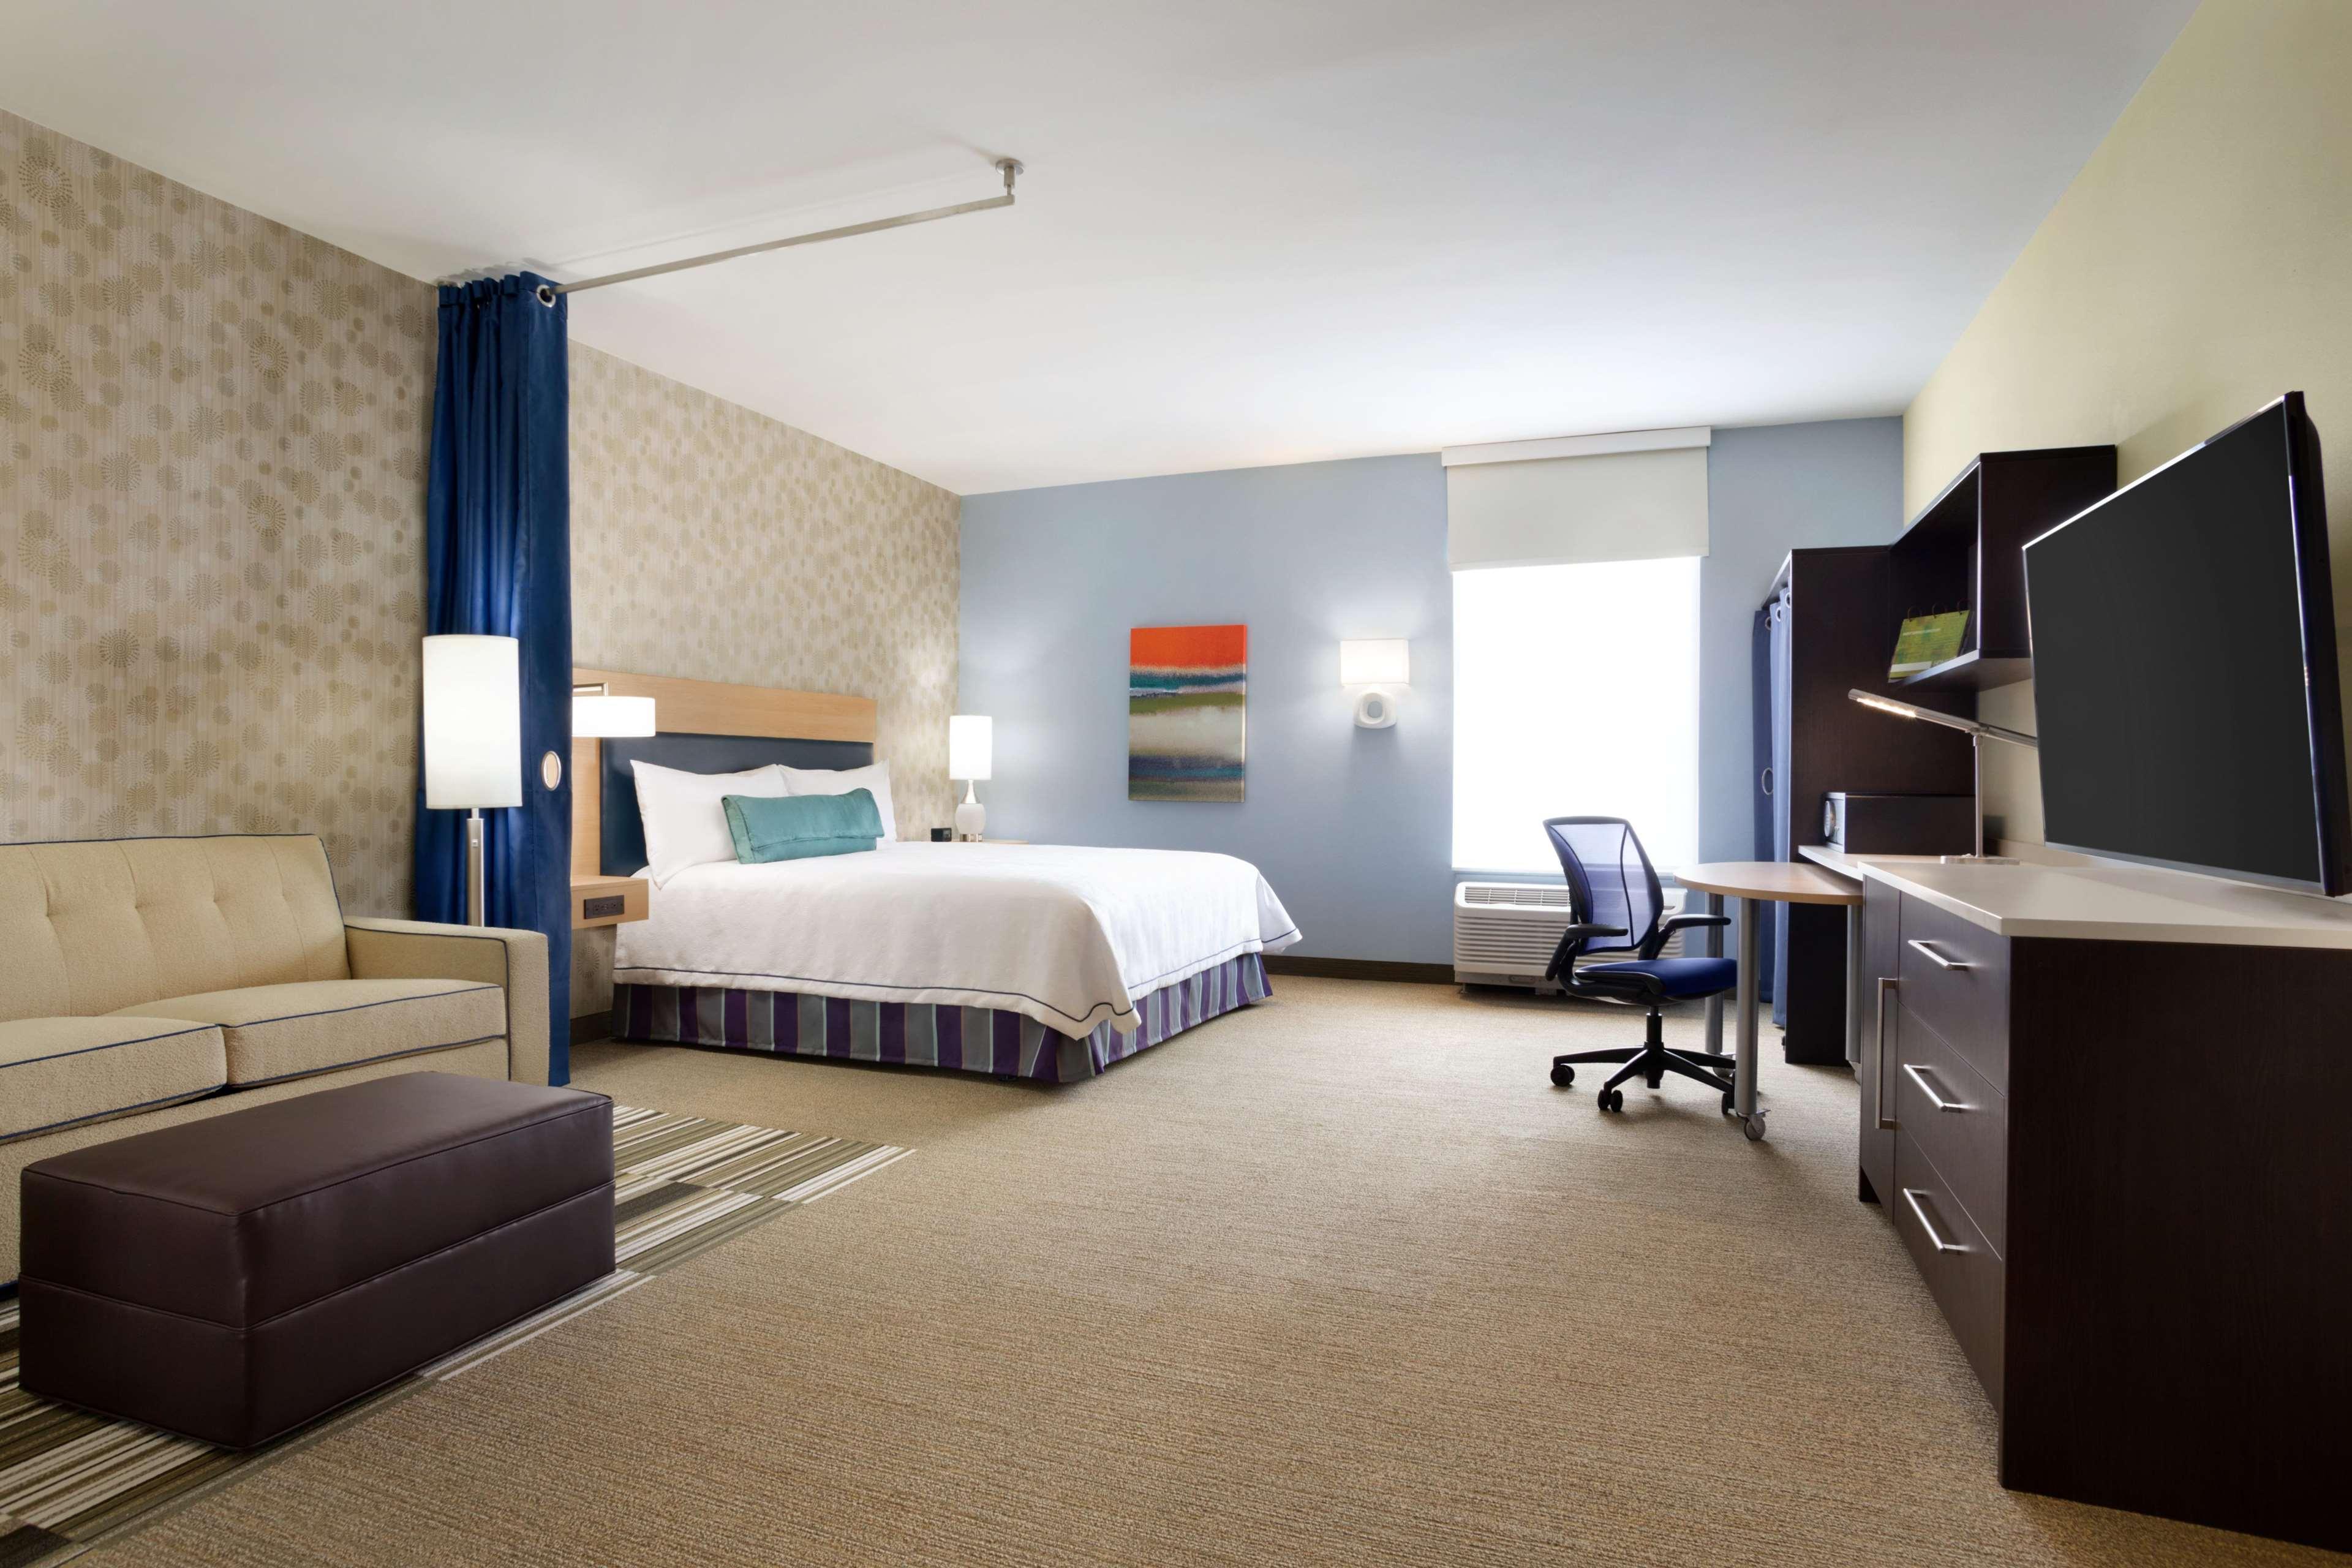 Home2 Suites by Hilton McAllen image 14